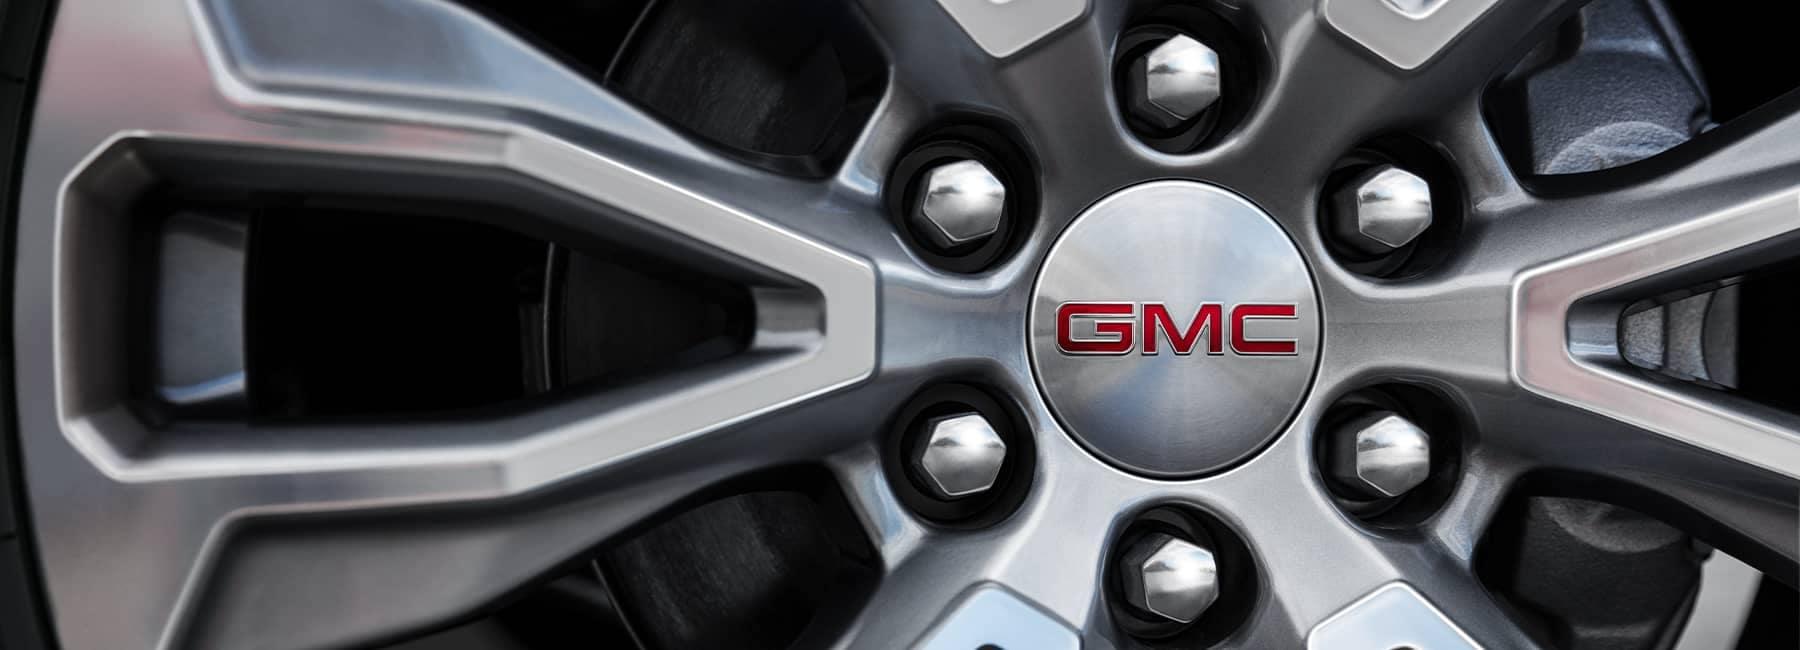 GMC Wheel Hubcap